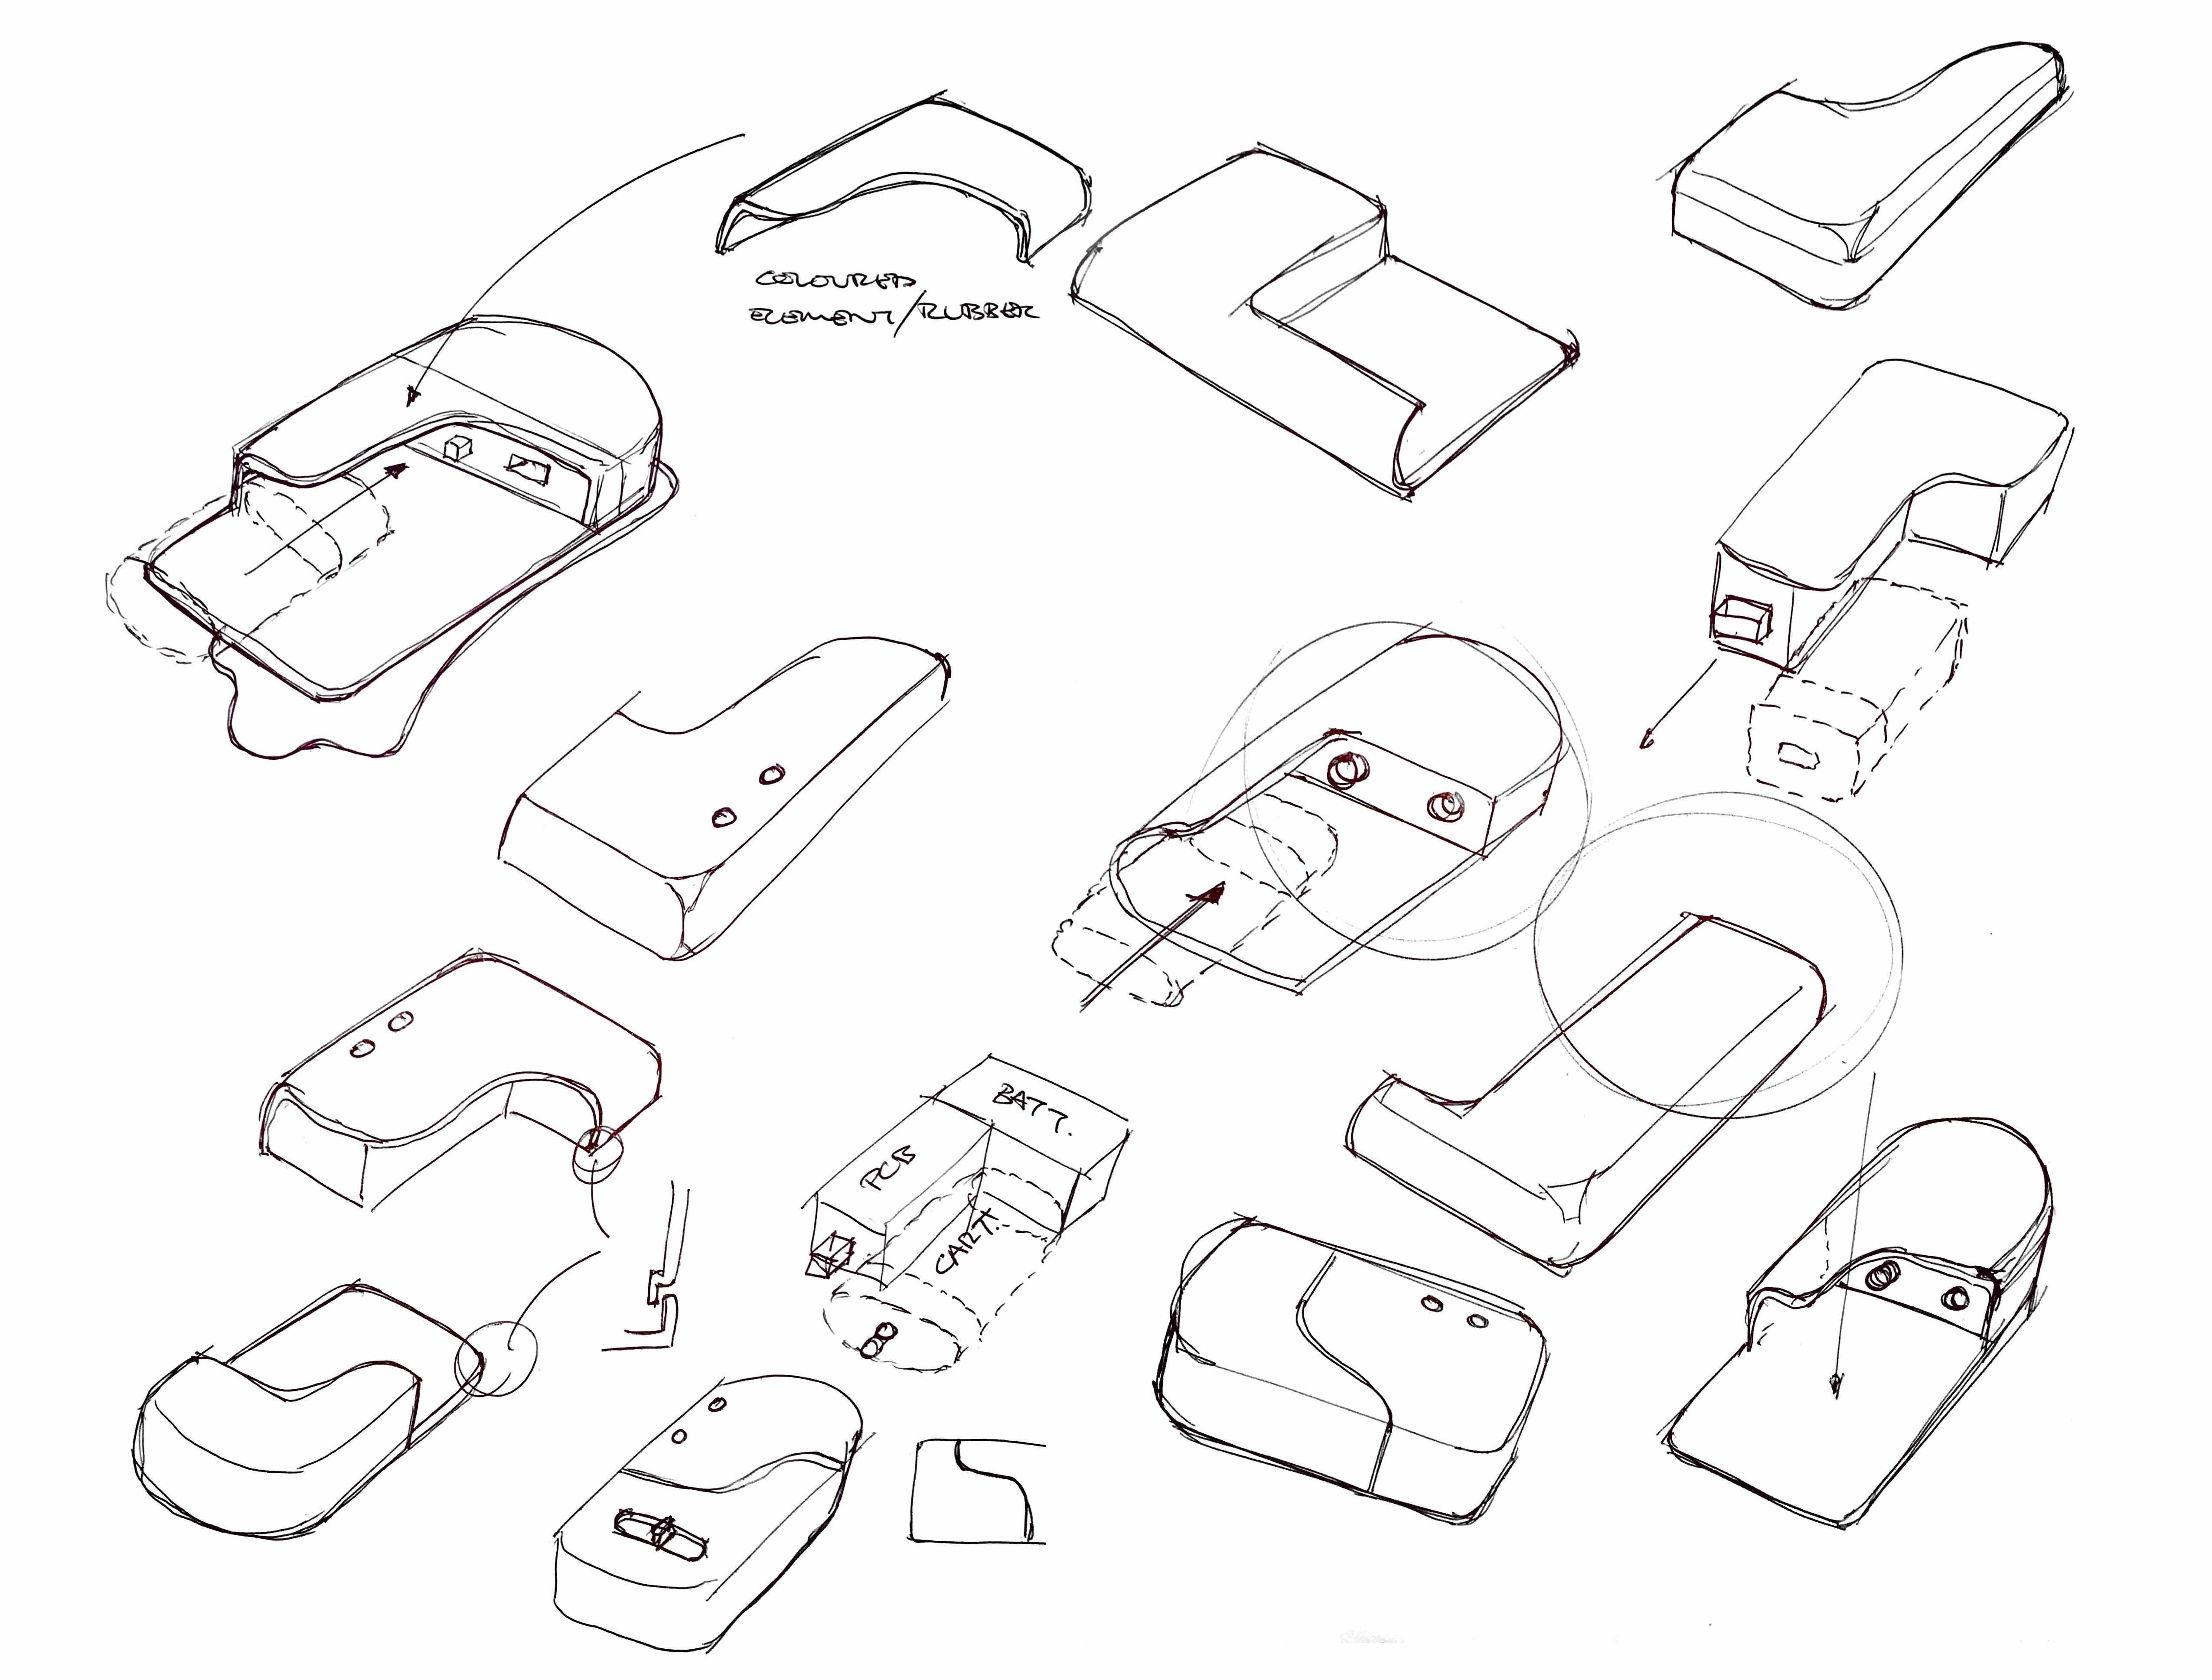 parts drawing